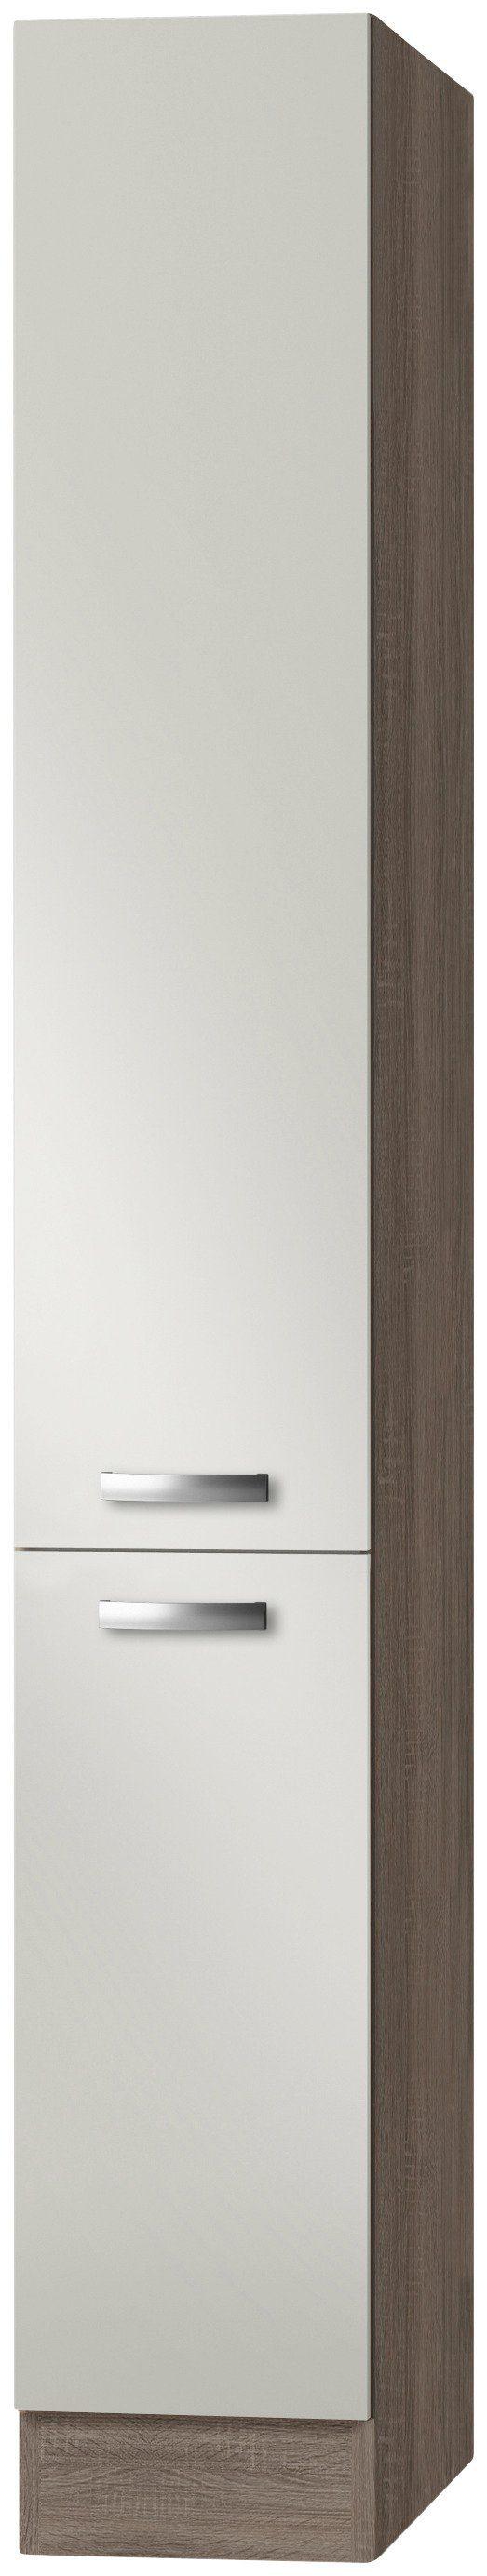 OPTIFIT Apothekerschrank »Rom, Höhe 206,8 cm«